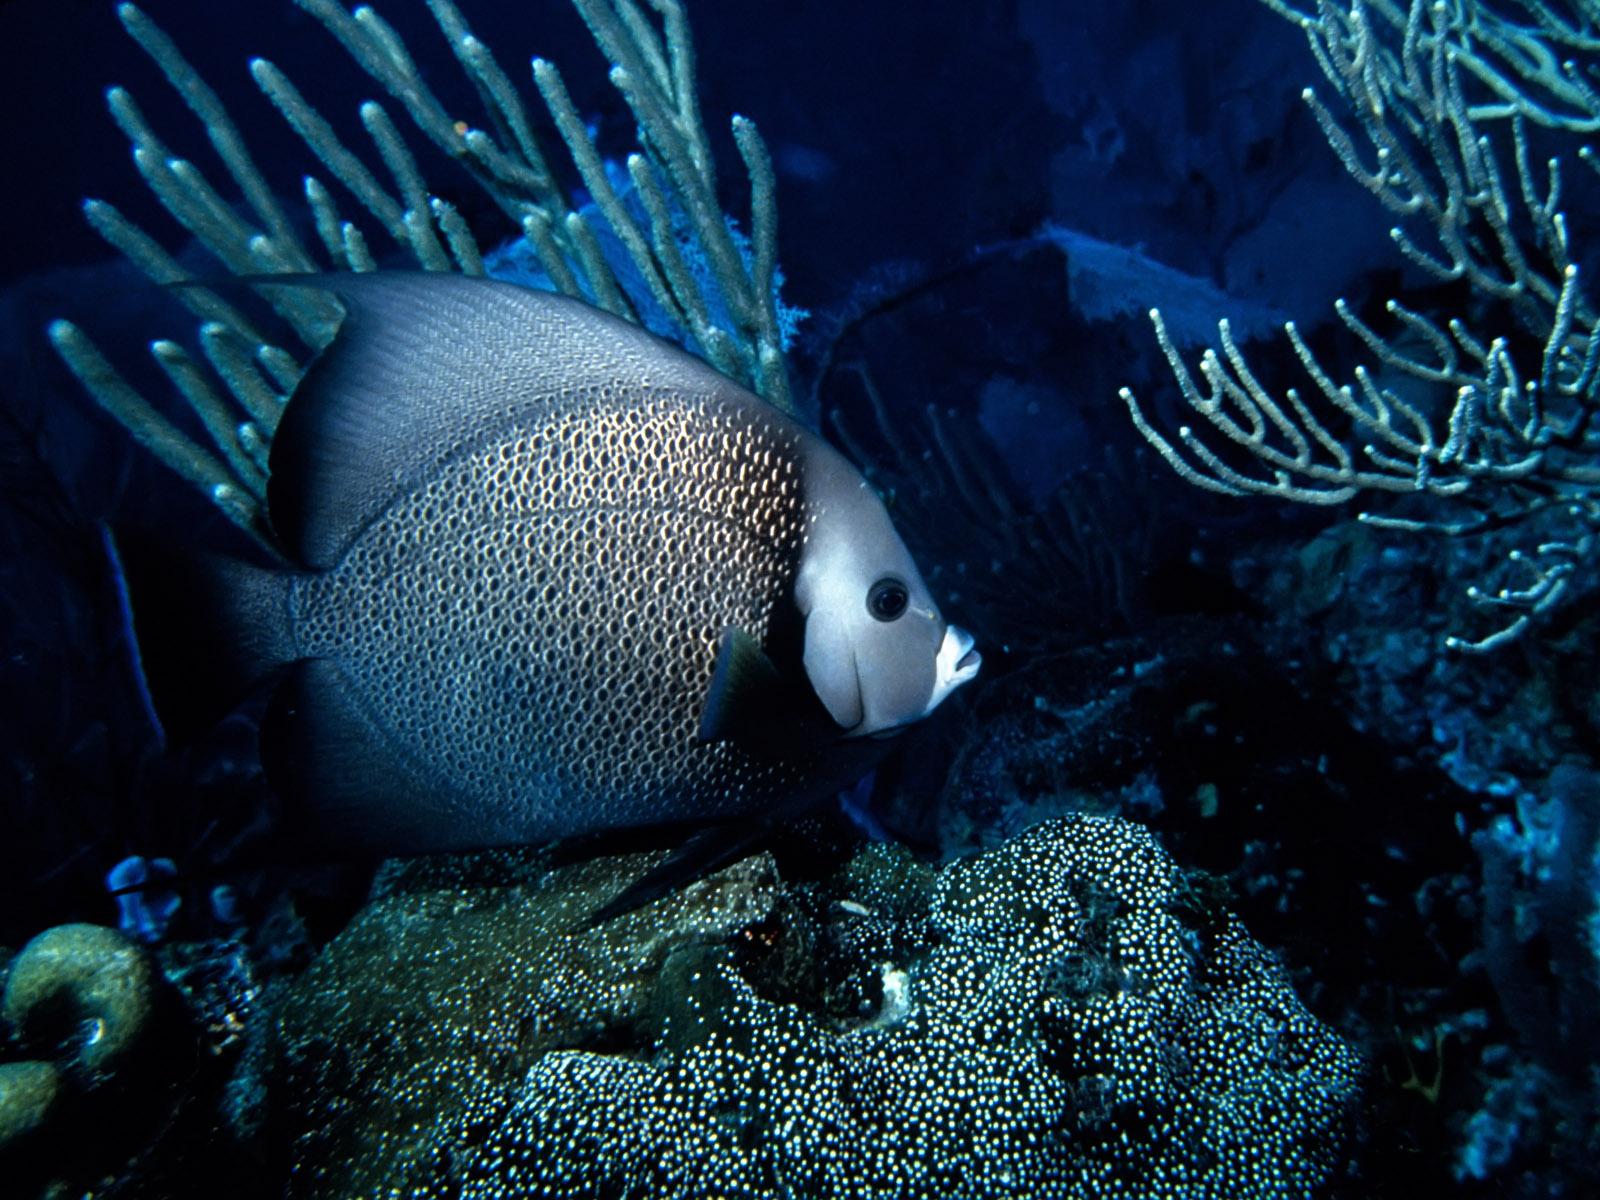 http://1.bp.blogspot.com/-rN32NK7XVu4/UIQcLs3AECI/AAAAAAAABSM/OEMaXxs9zec/s1600/Underwater%2BWallpaper%2B(64).jpg